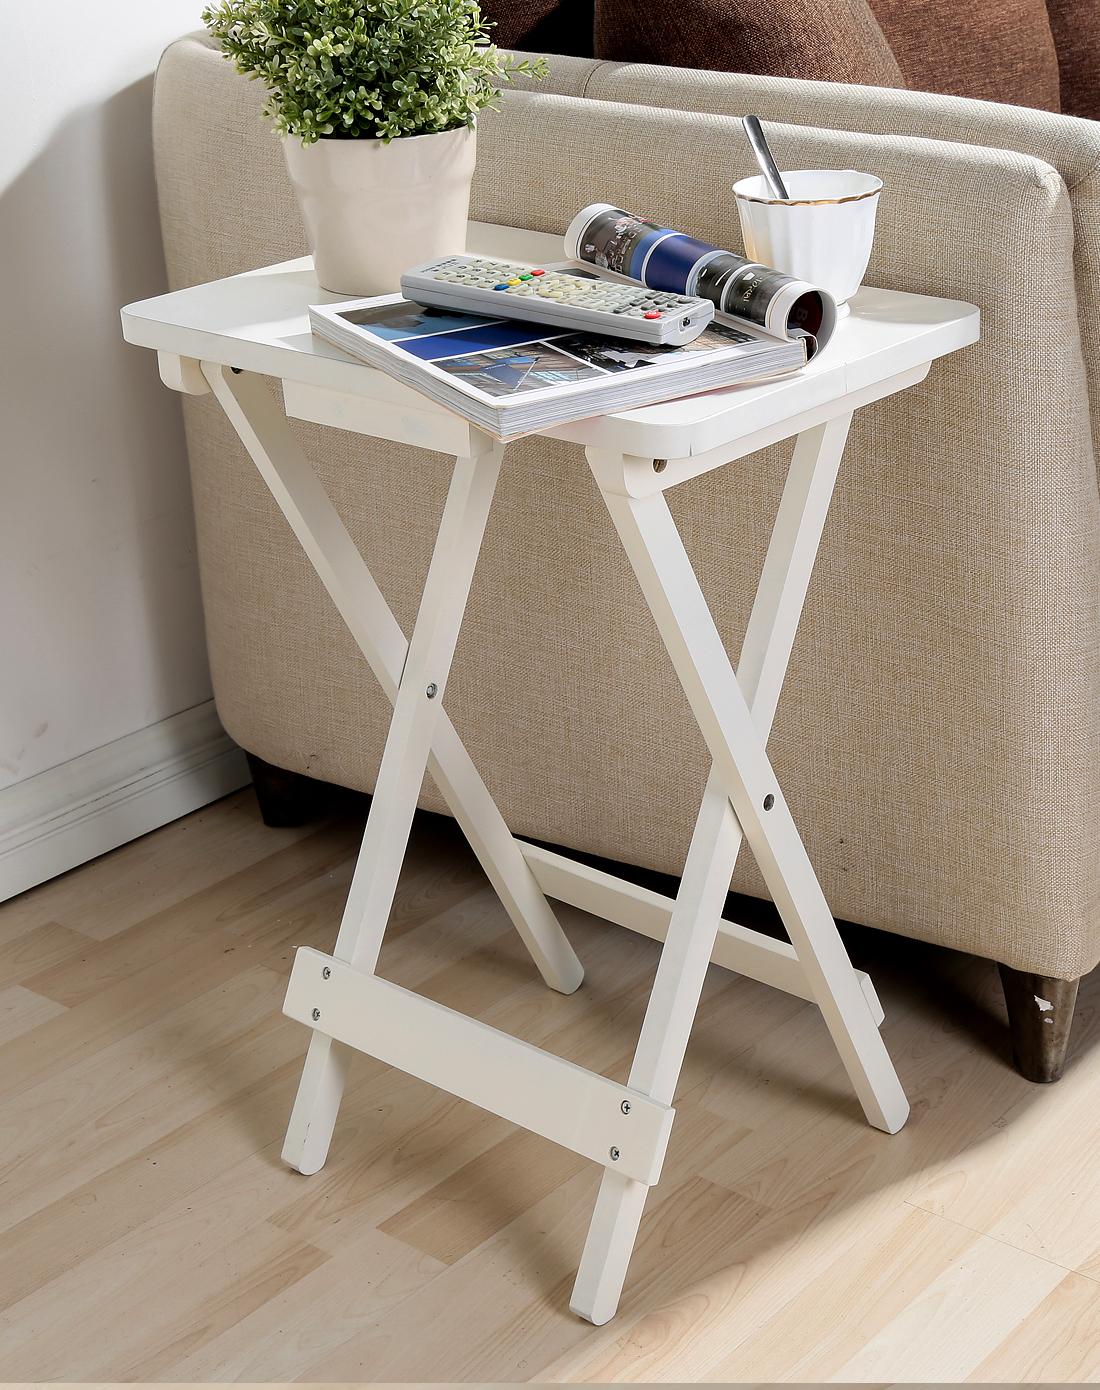 Купить стулья и стол для балкона москва. - ставим окна сами .